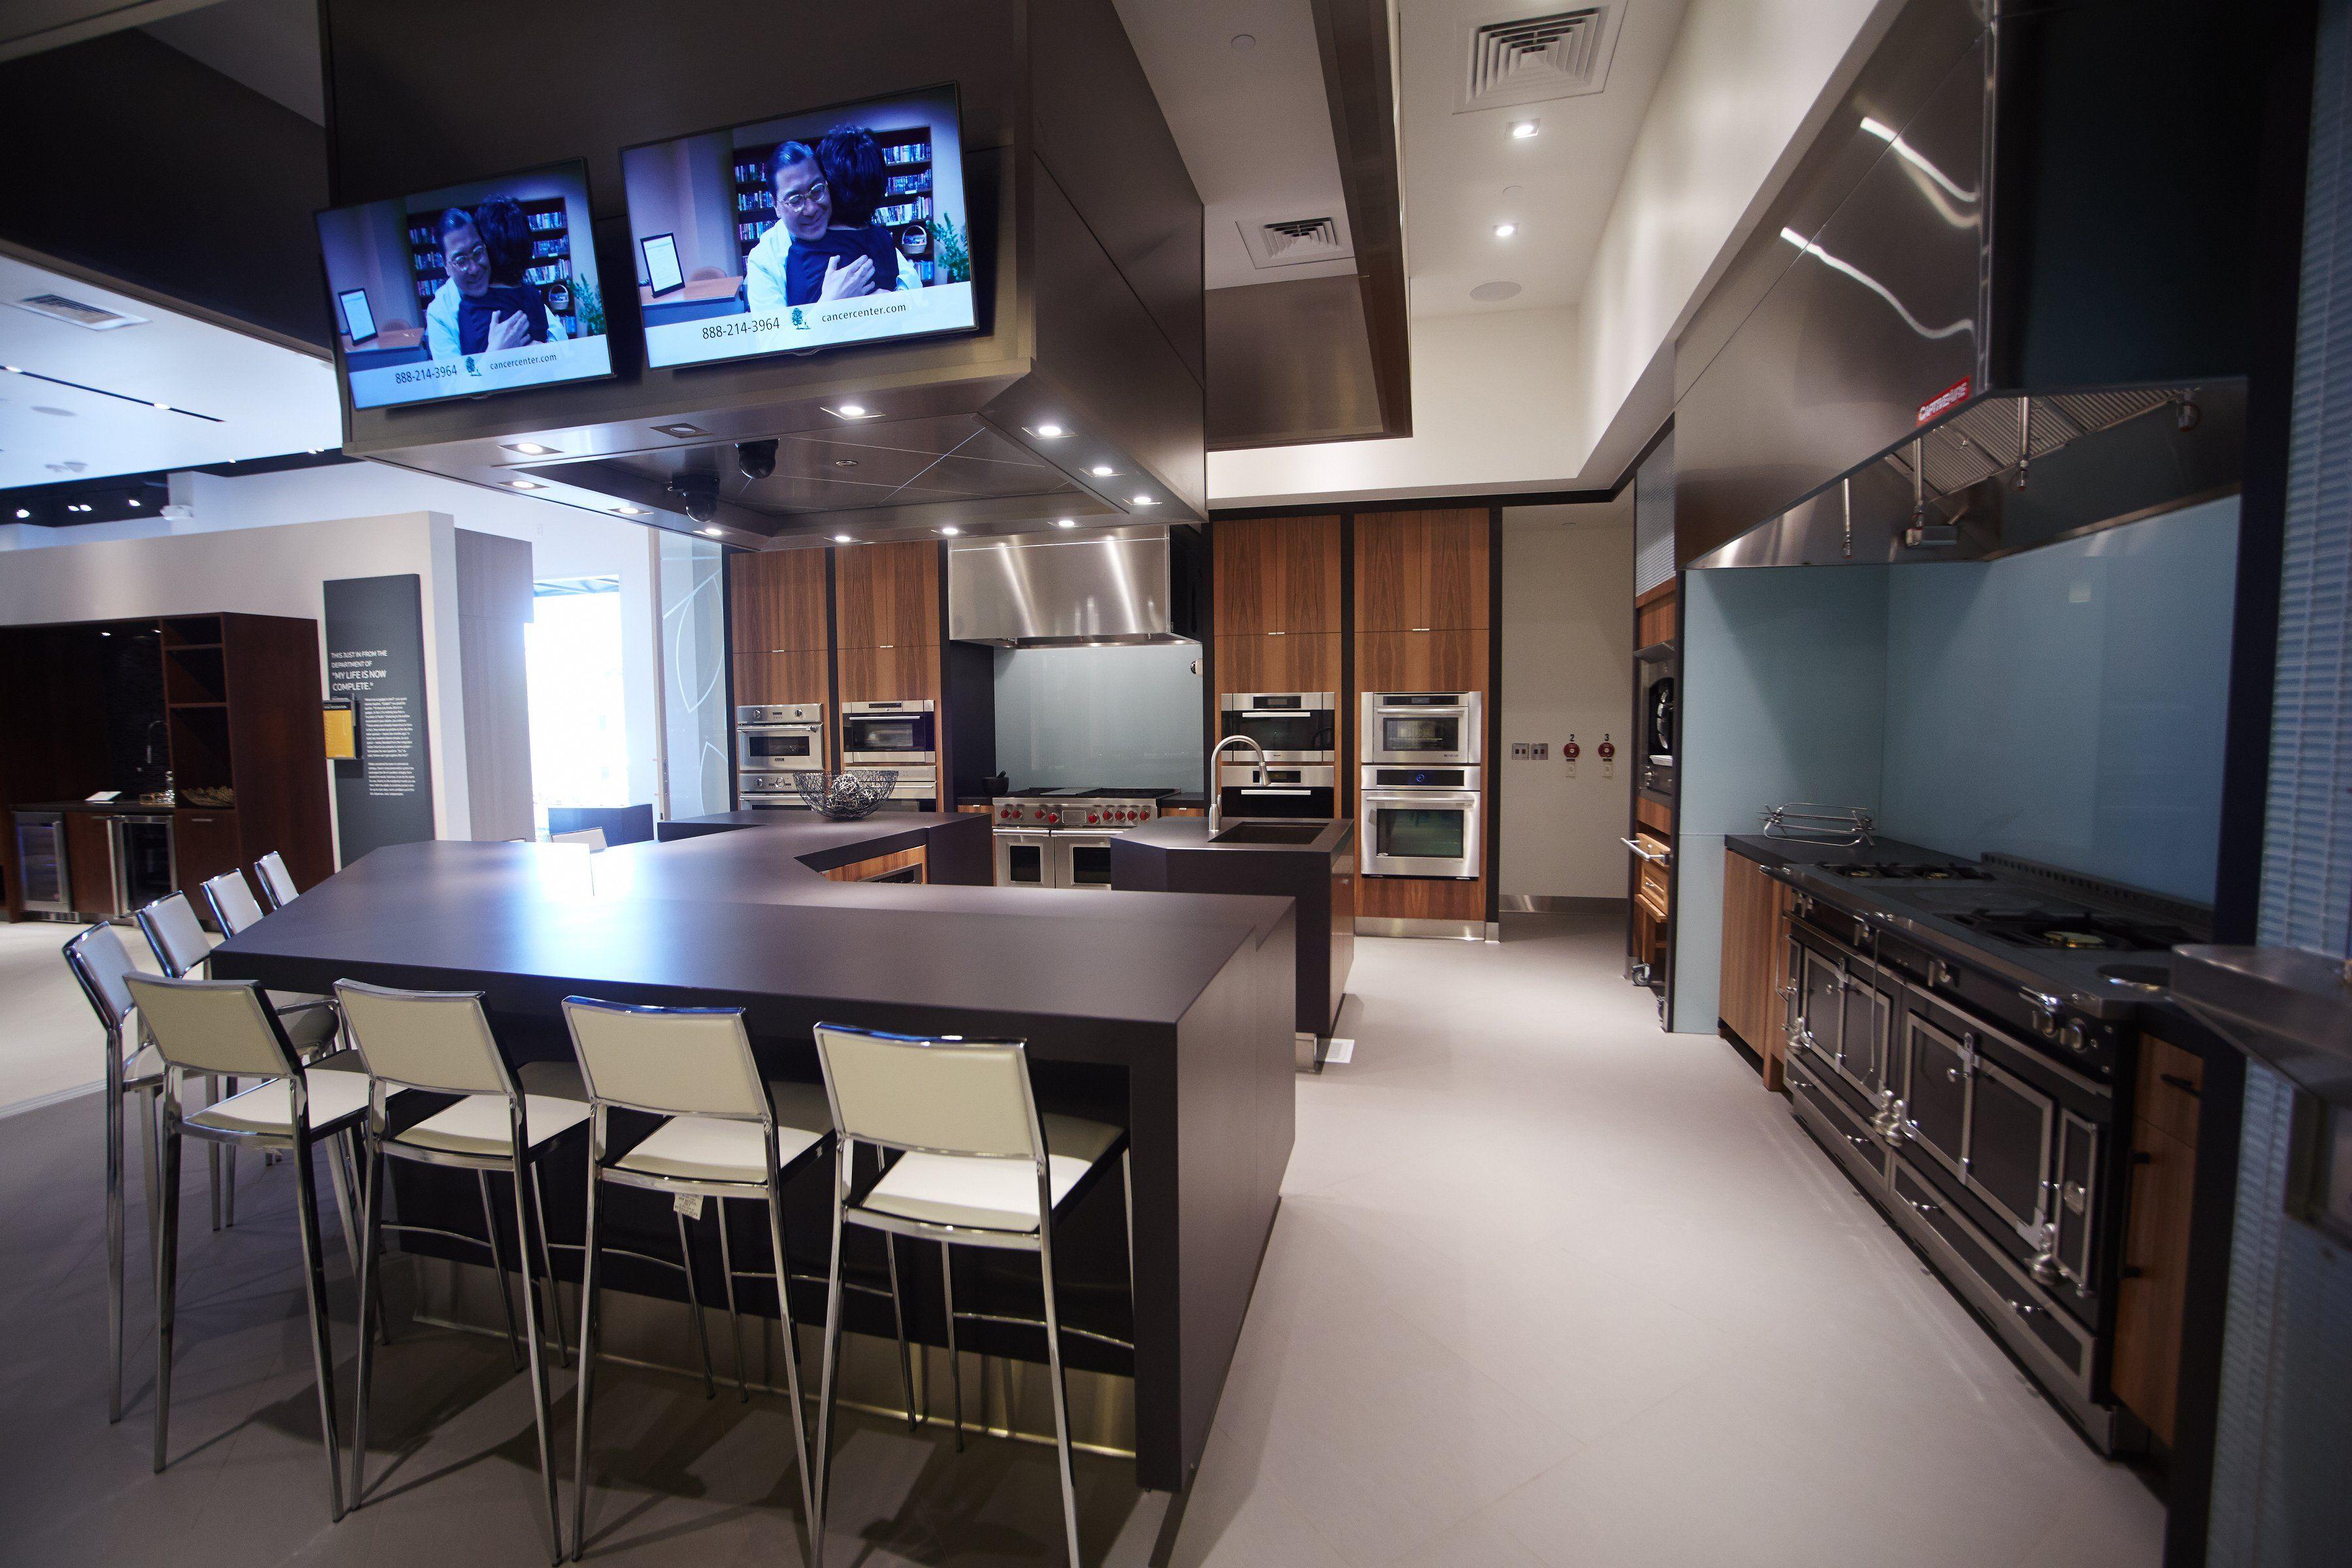 Savor Demonstration Kitchen   PIRCH UTC · San DiegoFutureKitchensStudioFallGoogle  SearchIdeasSearchingKitchen Designs